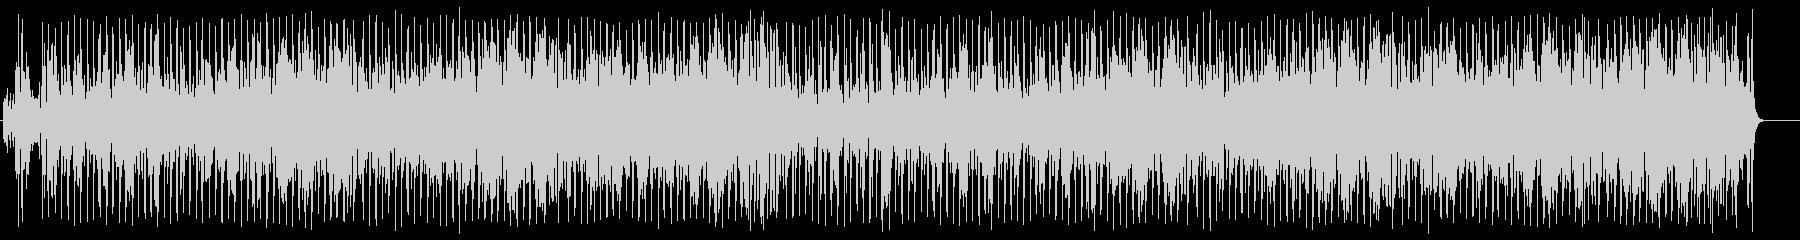 ほのぼのしたポップジャズ(フルサイズ)の未再生の波形